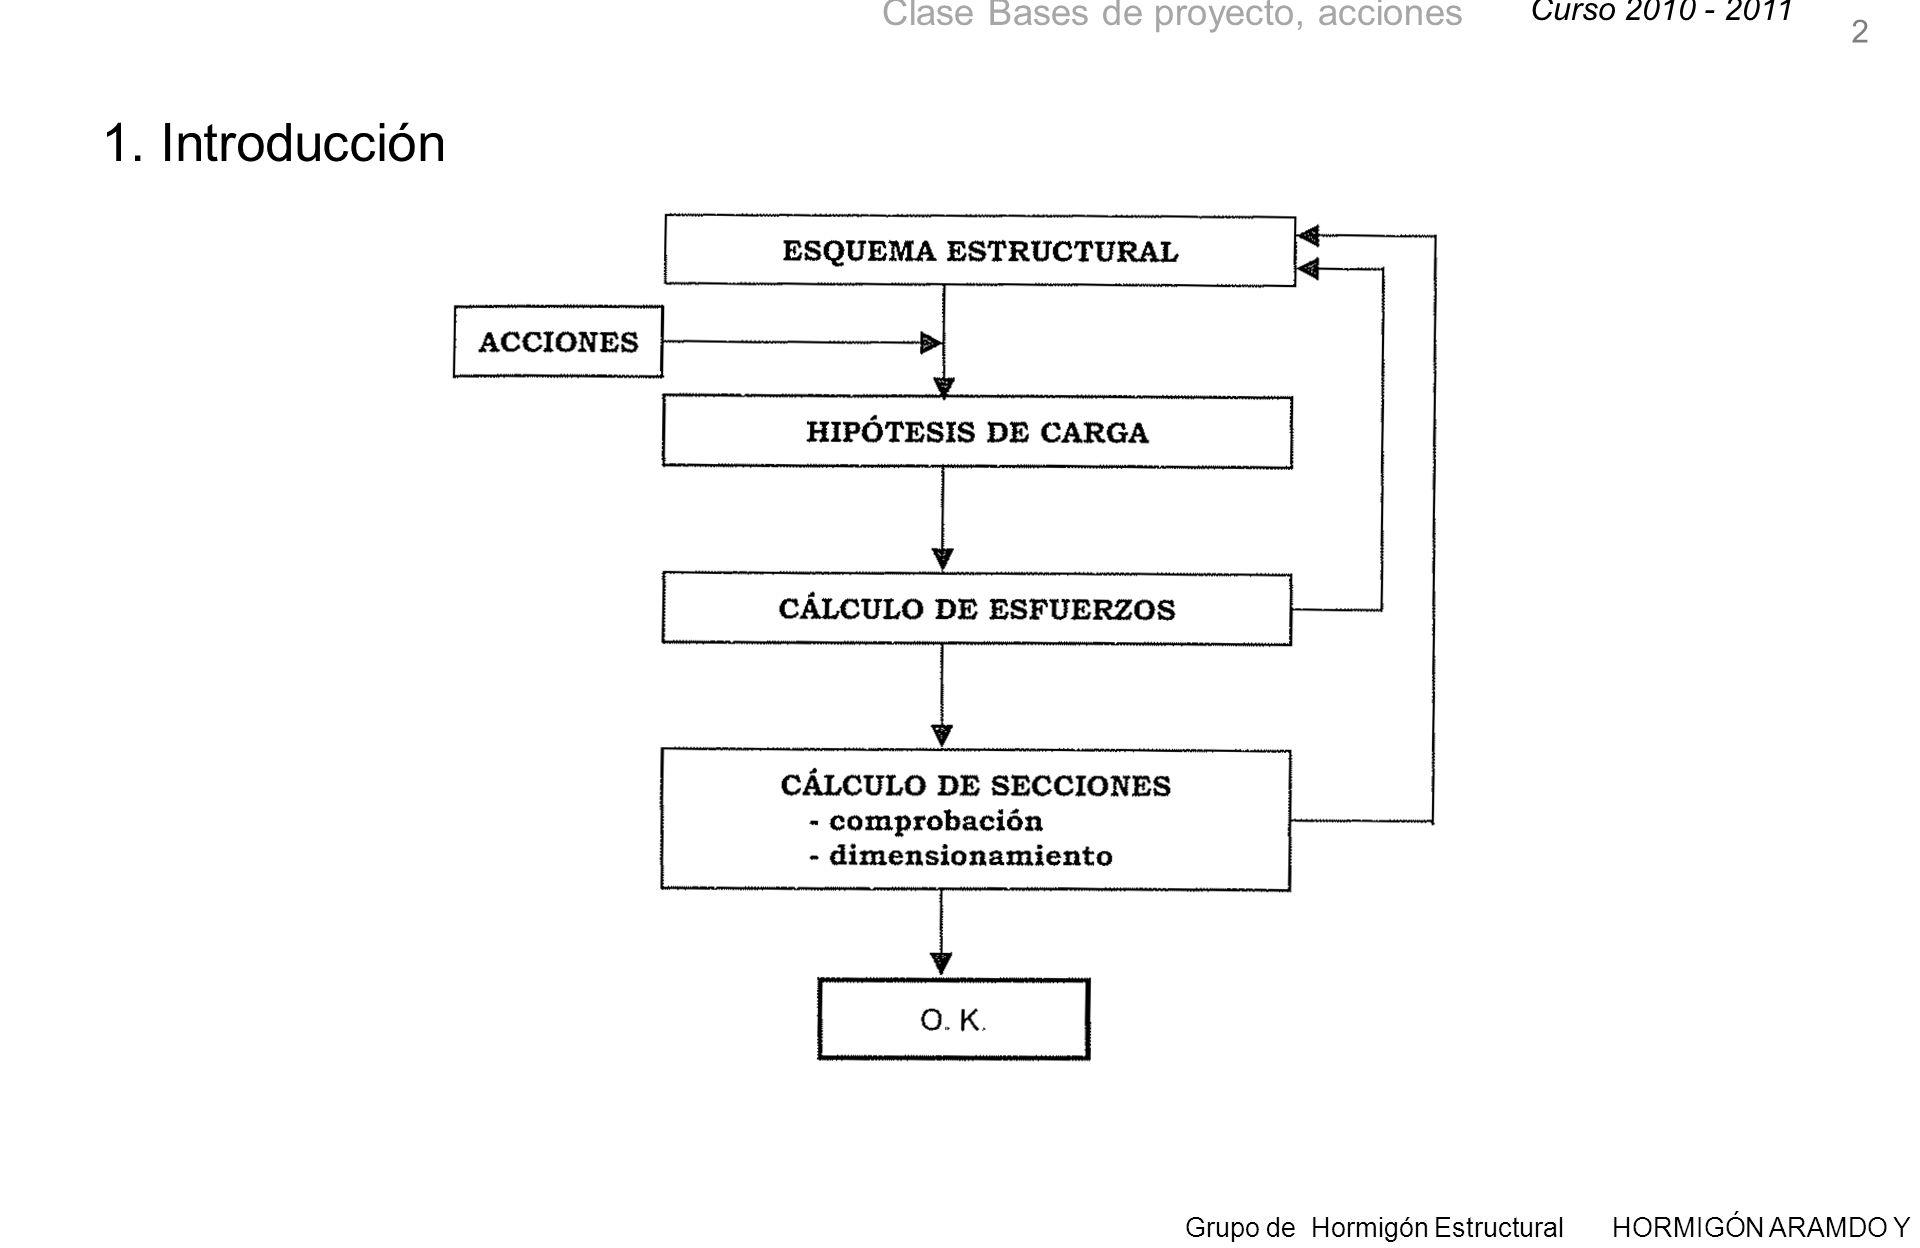 Curso 2010 - 2011 Grupo de Hormigón Estructural HORMIGÓN ARAMDO Y PRETENSADO II Clase Bases de proyecto, acciones 13 2.4.